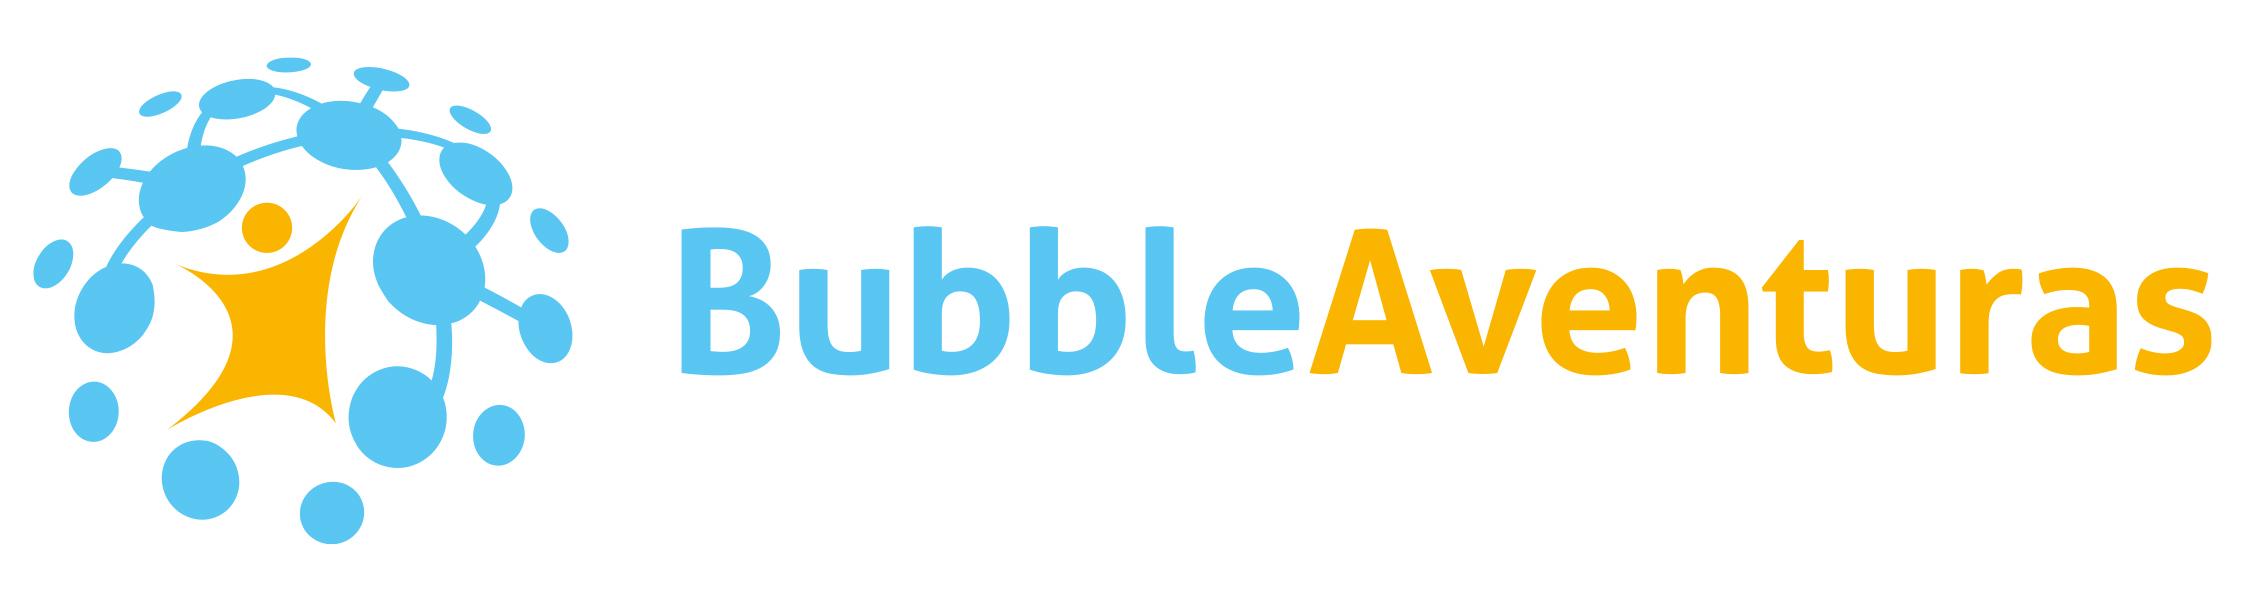 Bubble Aventuras – Parque infantil en Chiclana